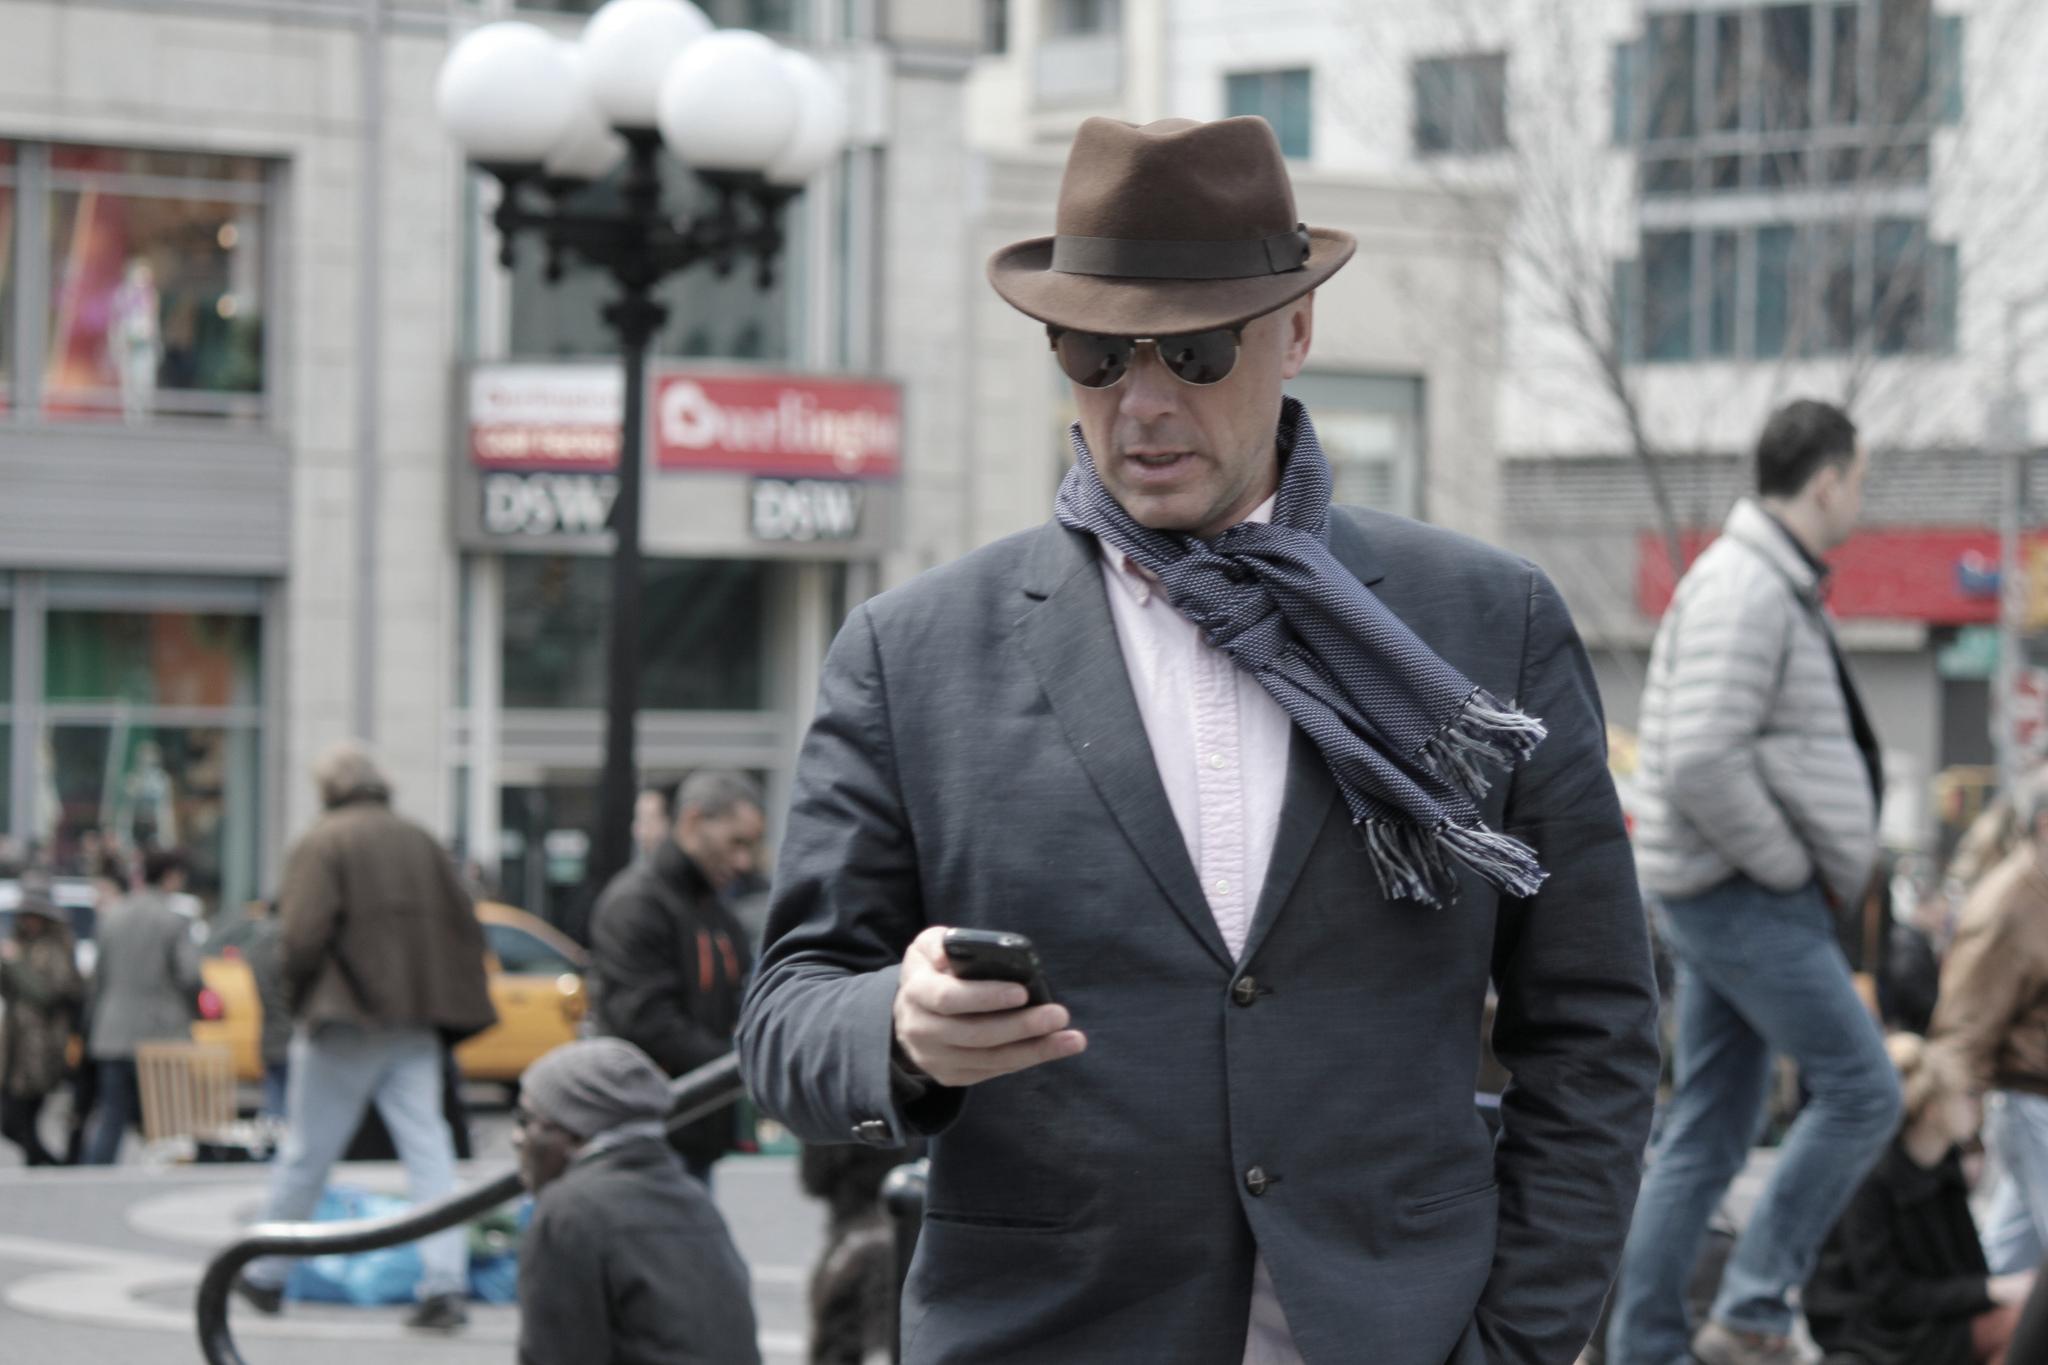 869cb63a0bbc Comment porter un foulard homme de façon moderne